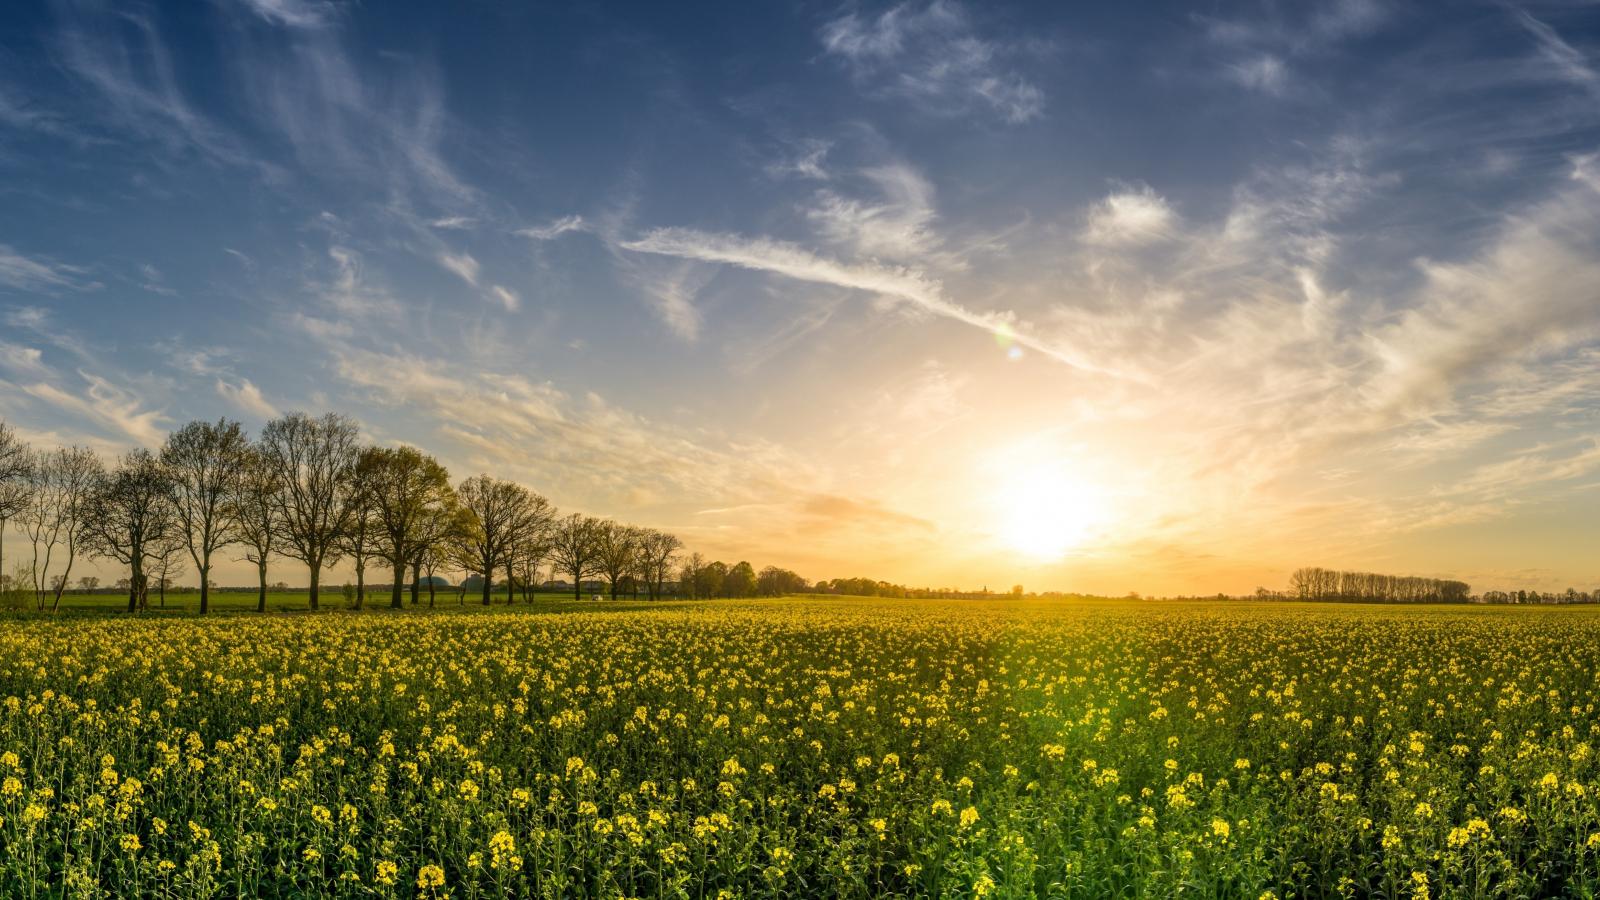 Oilseed rape fram sunny day 5k